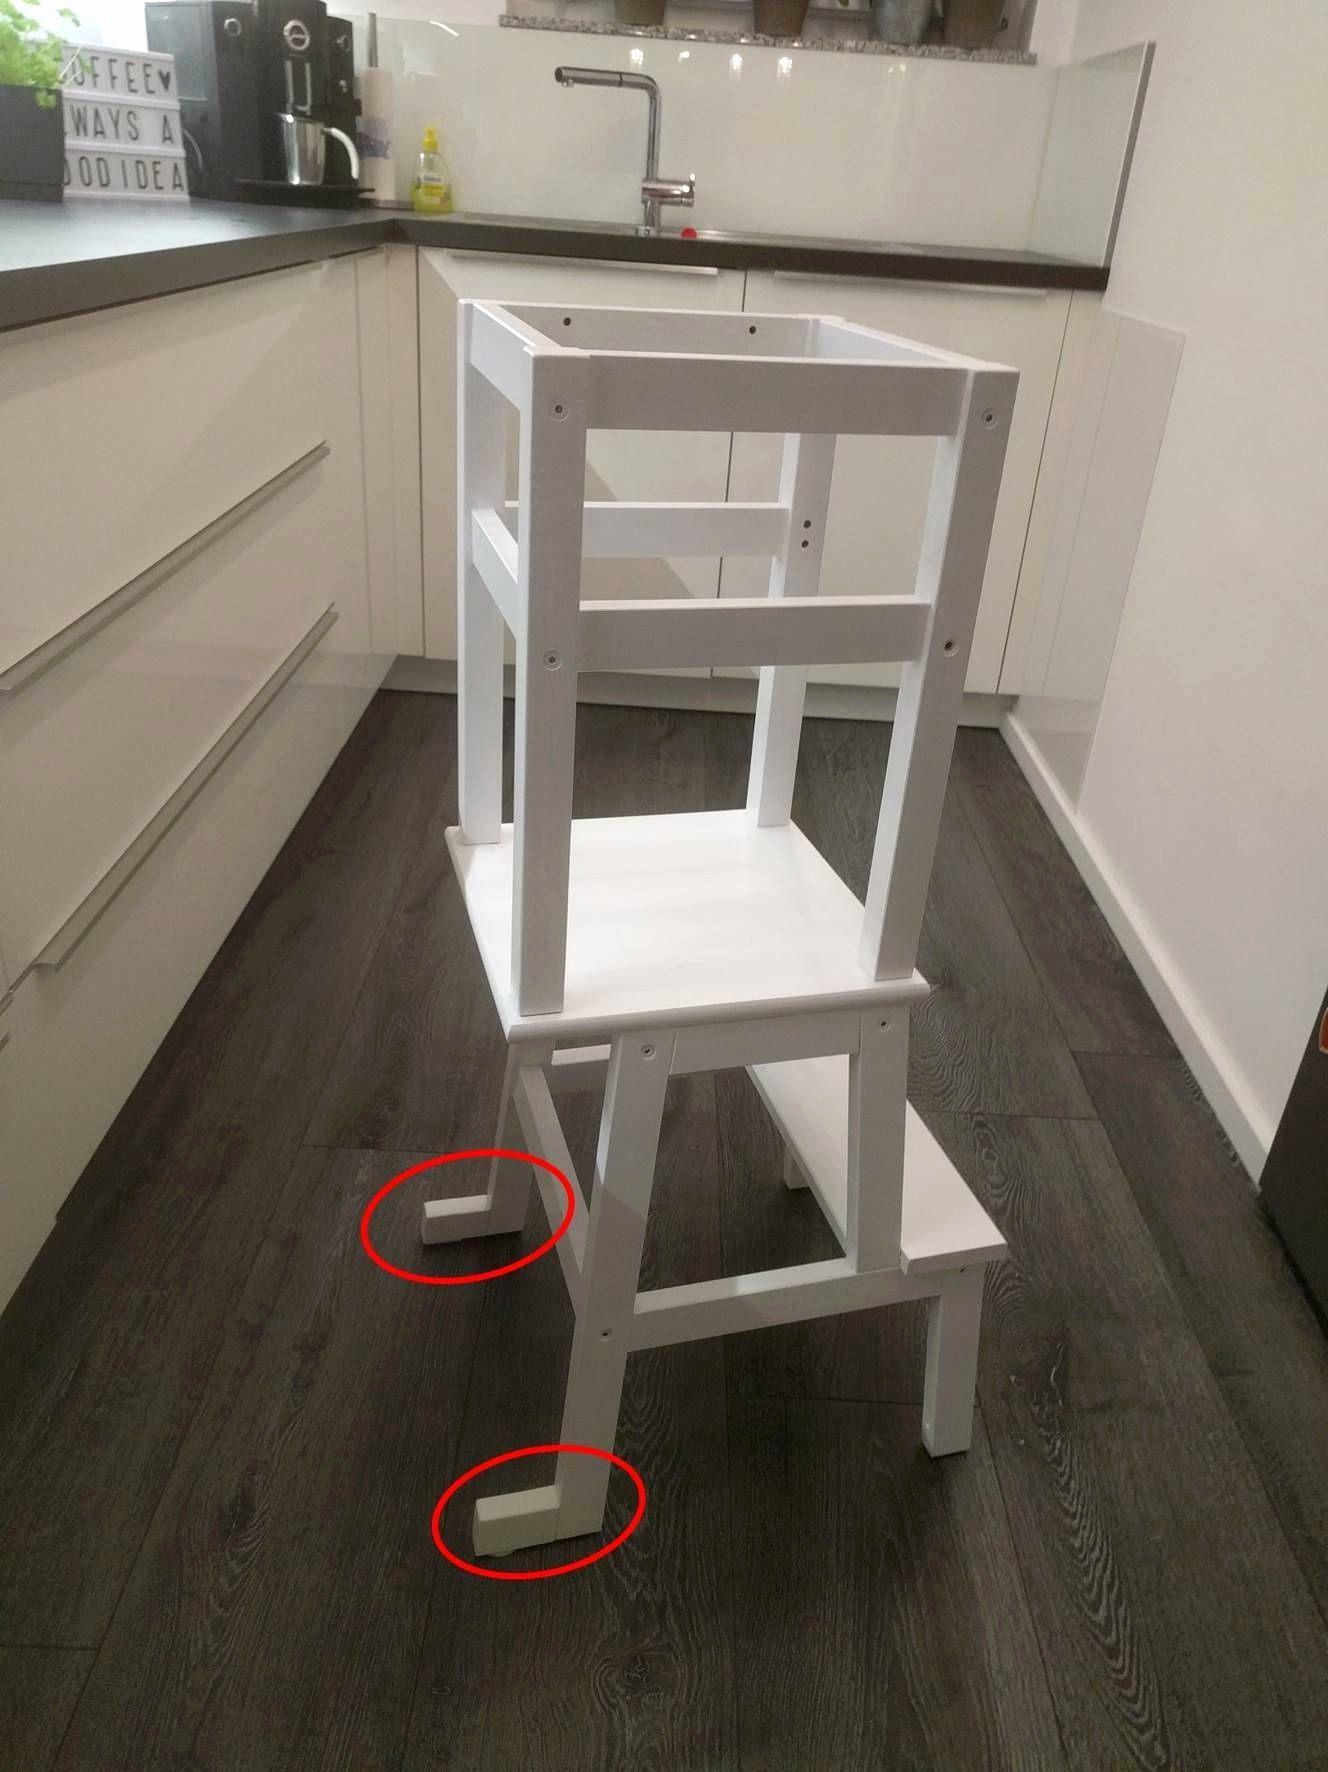 Ikea Lit Pliant Inspiré Glamour Ikea Lit Armoire Escamotable Dans Ikea Lit Armoire